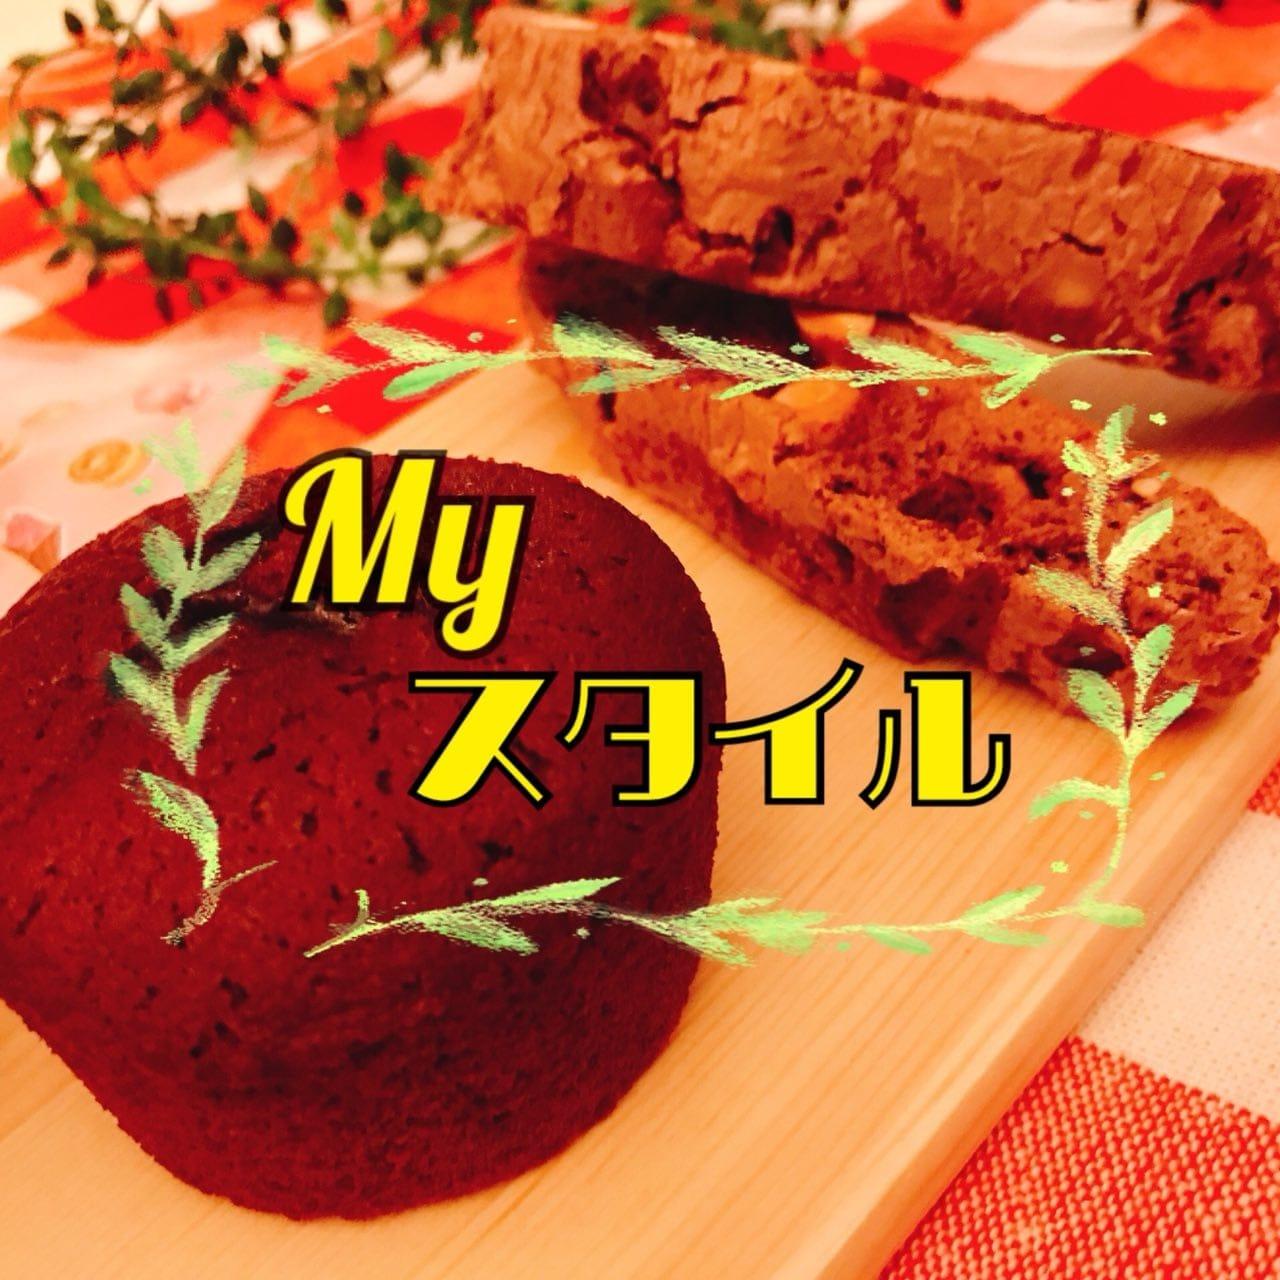 8月〜Myスタイル〜お料理会【店頭払い】のイメージその1